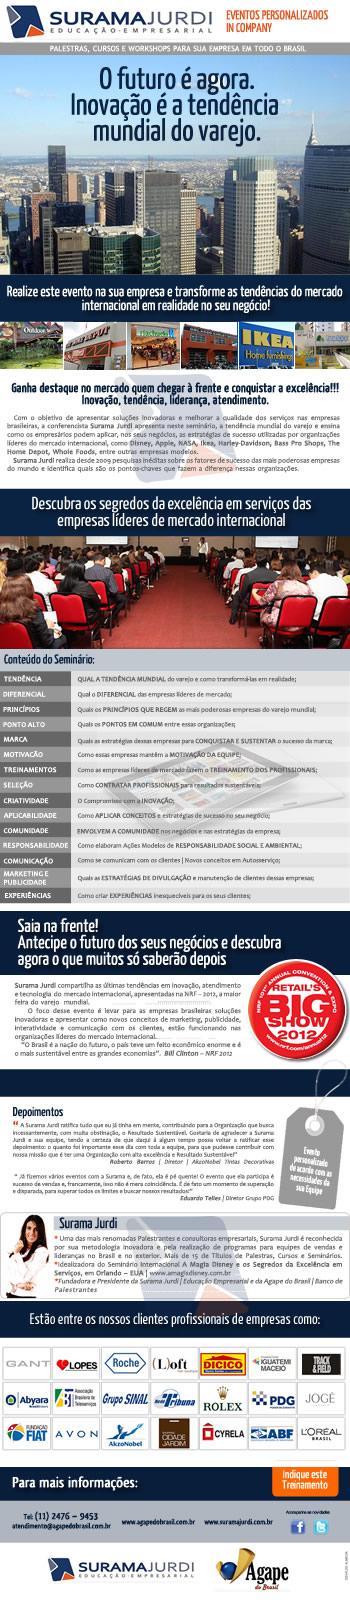 E-mail marketing para Surama Jurdi criado por Osvaldo Almeida Designer gráfico freelancer